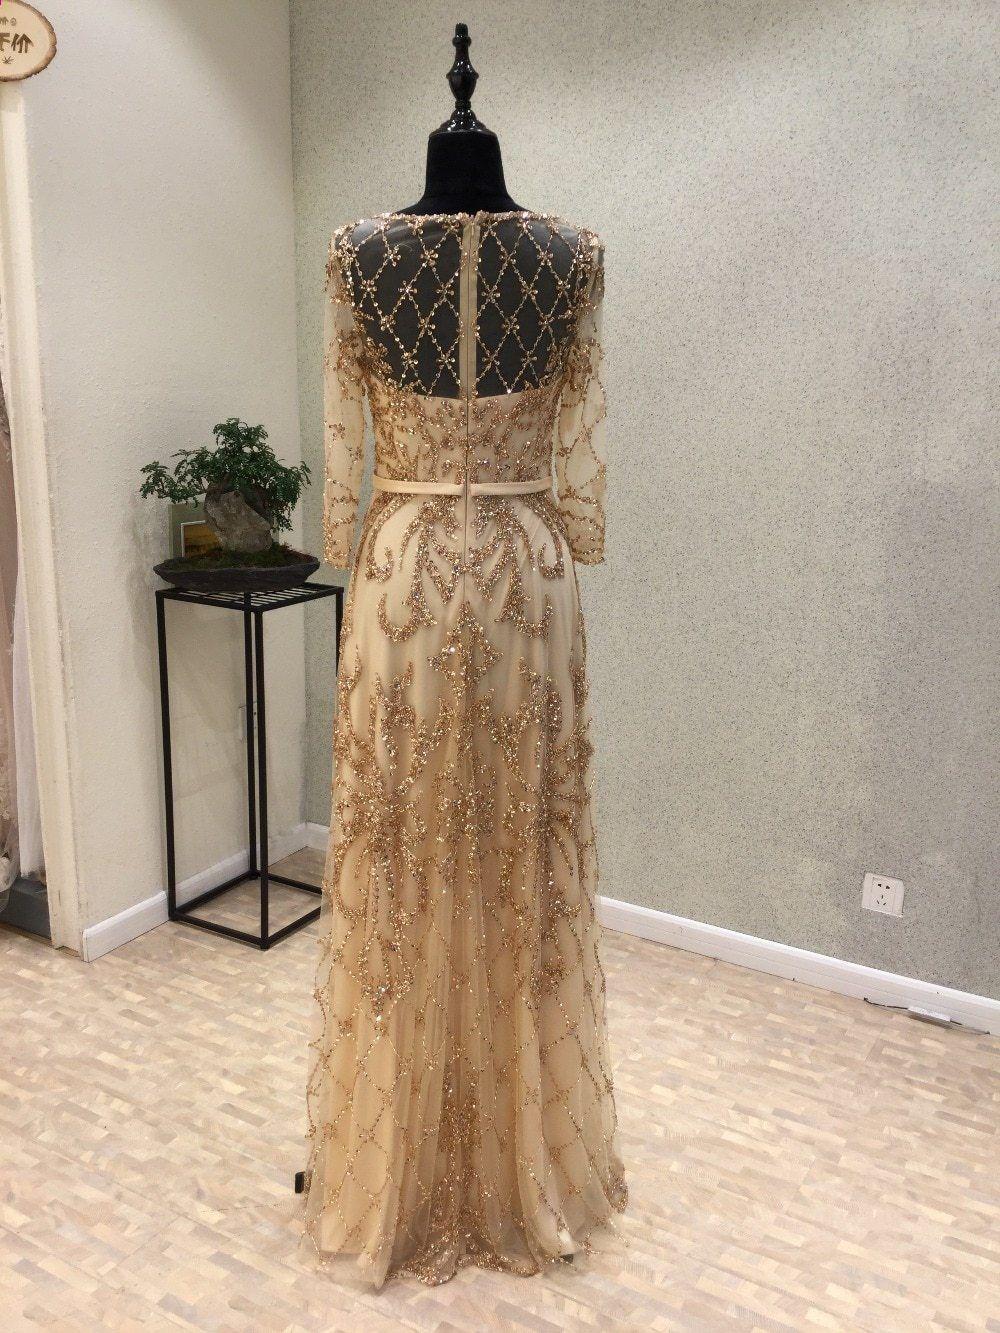 7194e3728f Új Elegáns hosszú estélyi ruha 2018 Scoop hosszú ujjú Floor Hosszú gyöngyös  Tulle Mermaid Party Prom ruhák vestido de festa